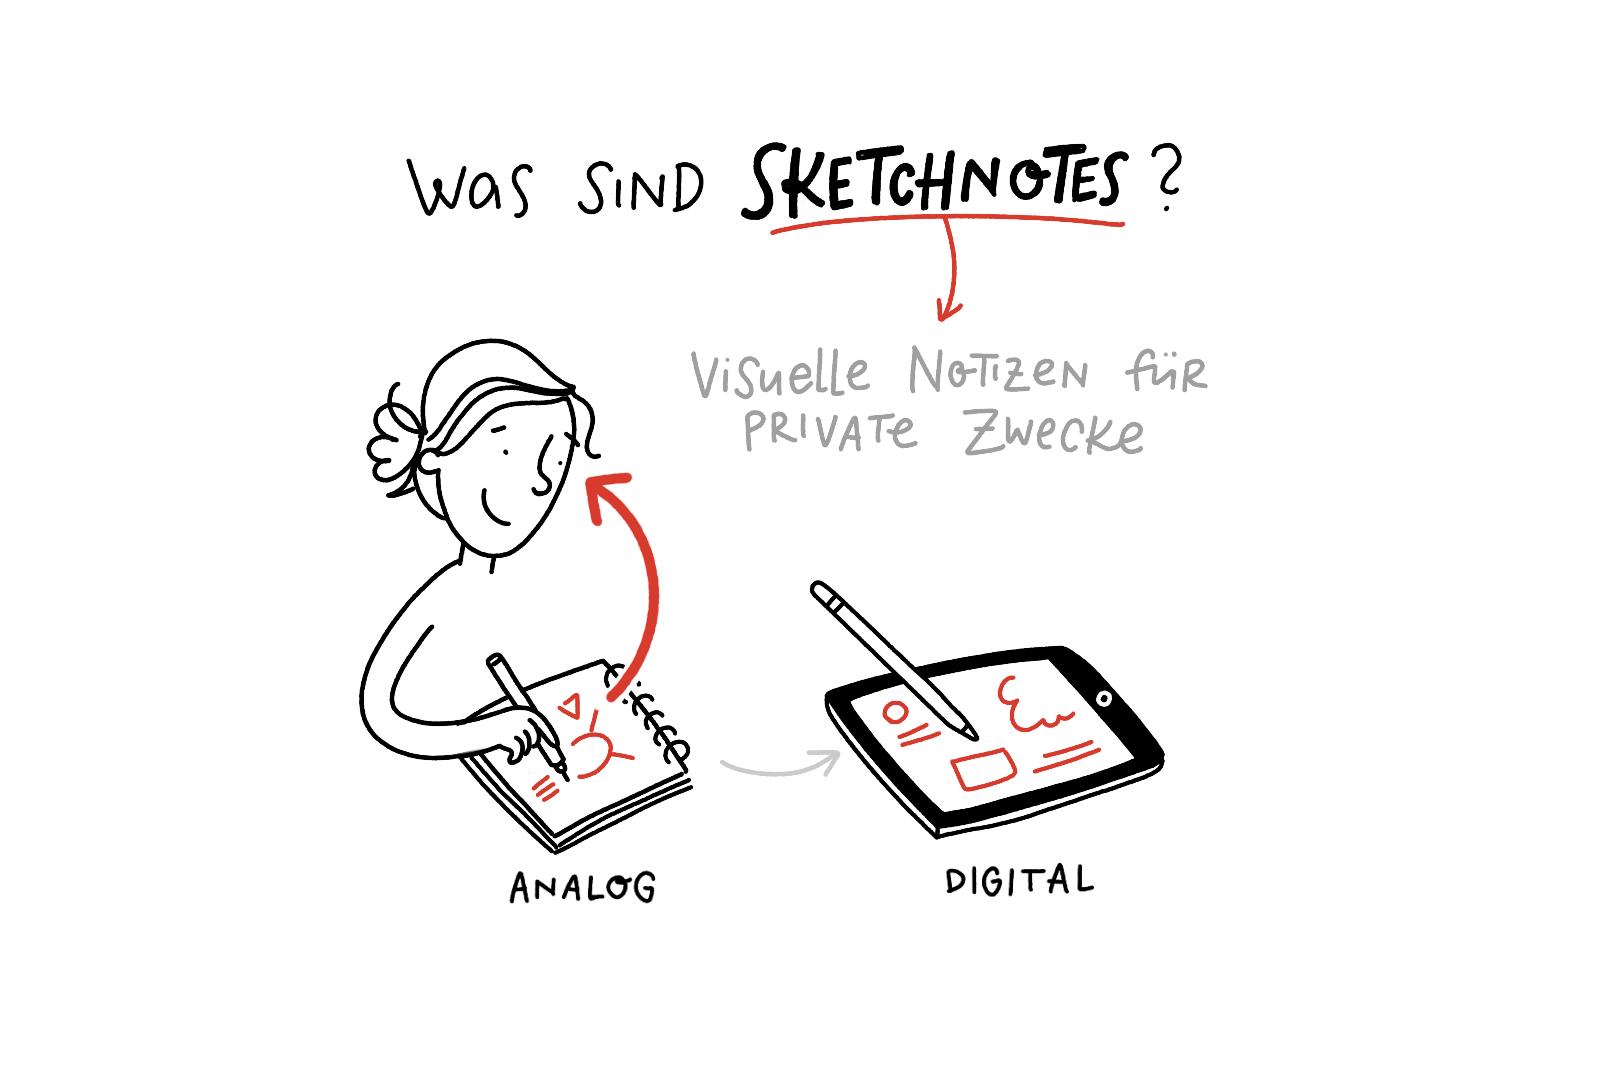 Sketchnotes – Was sind Sketchnotes